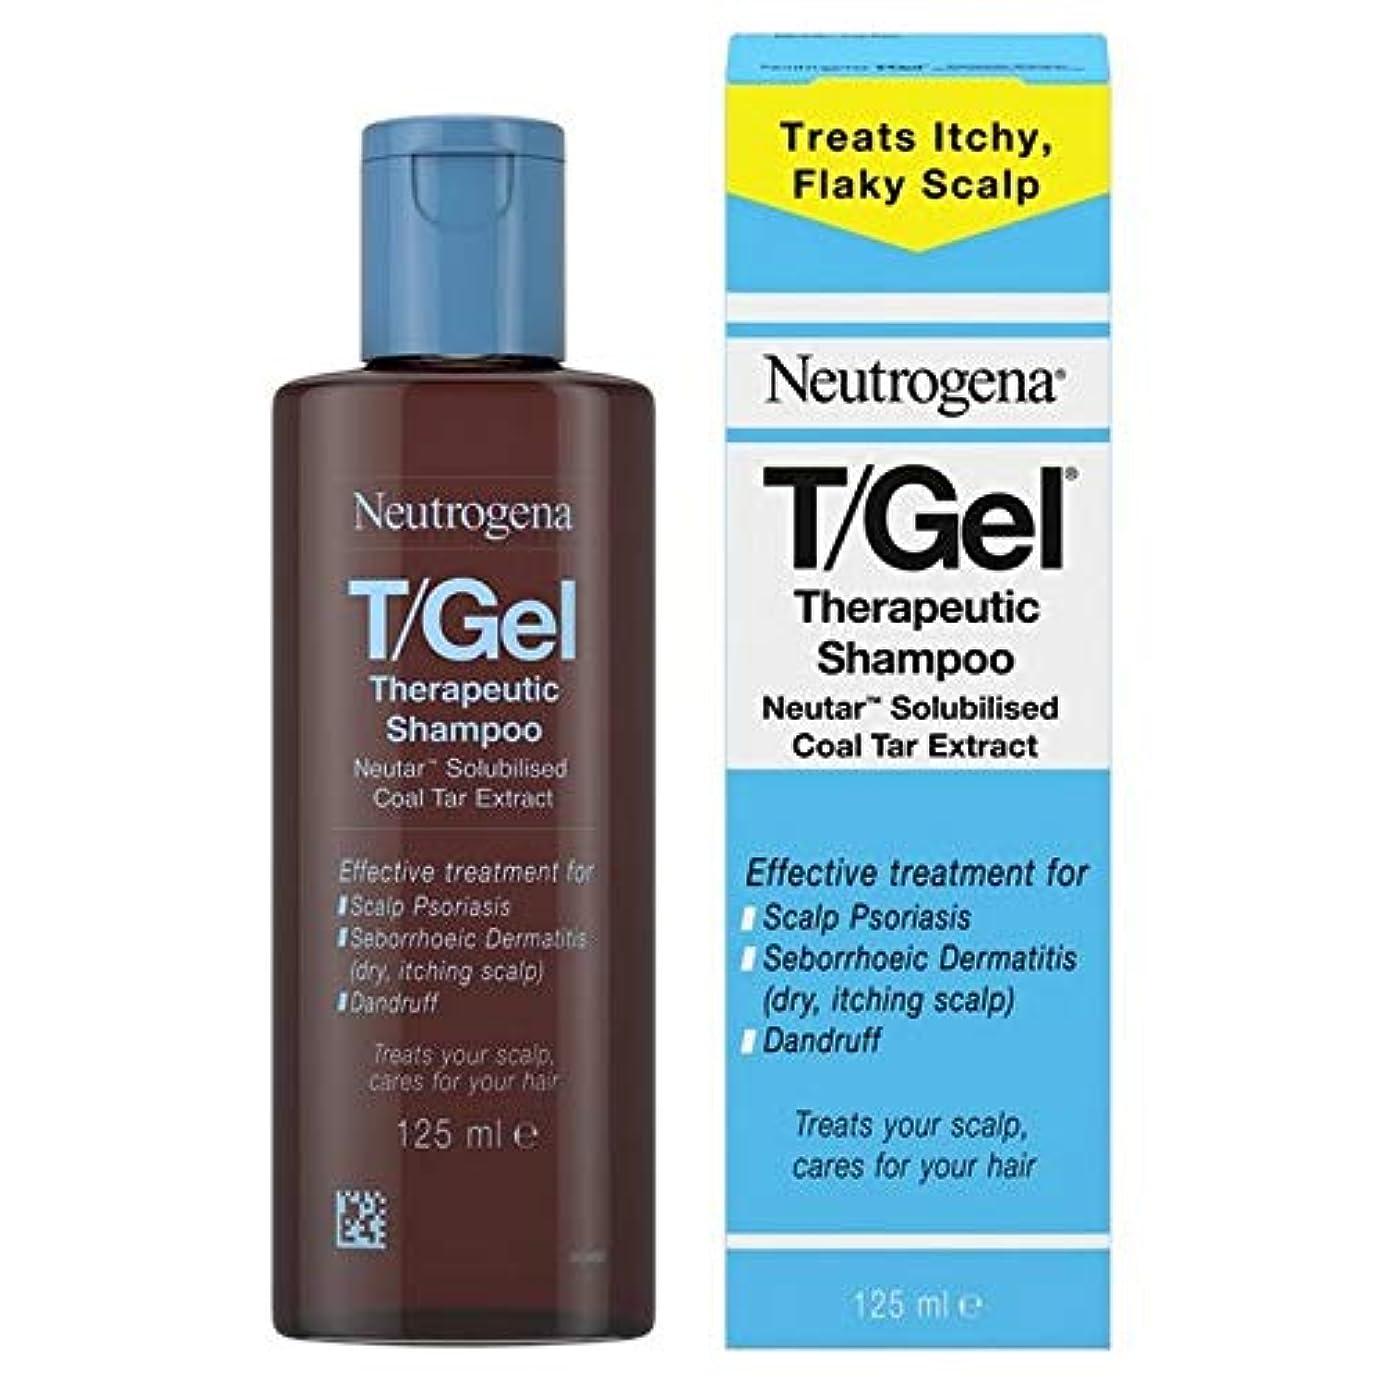 移動請う知恵[Neutrogena ] ニュートロジーナのT /ゲル治療シャンプー125ミリリットル - Neutrogena T/Gel Therapeutic Shampoo 125ml [並行輸入品]